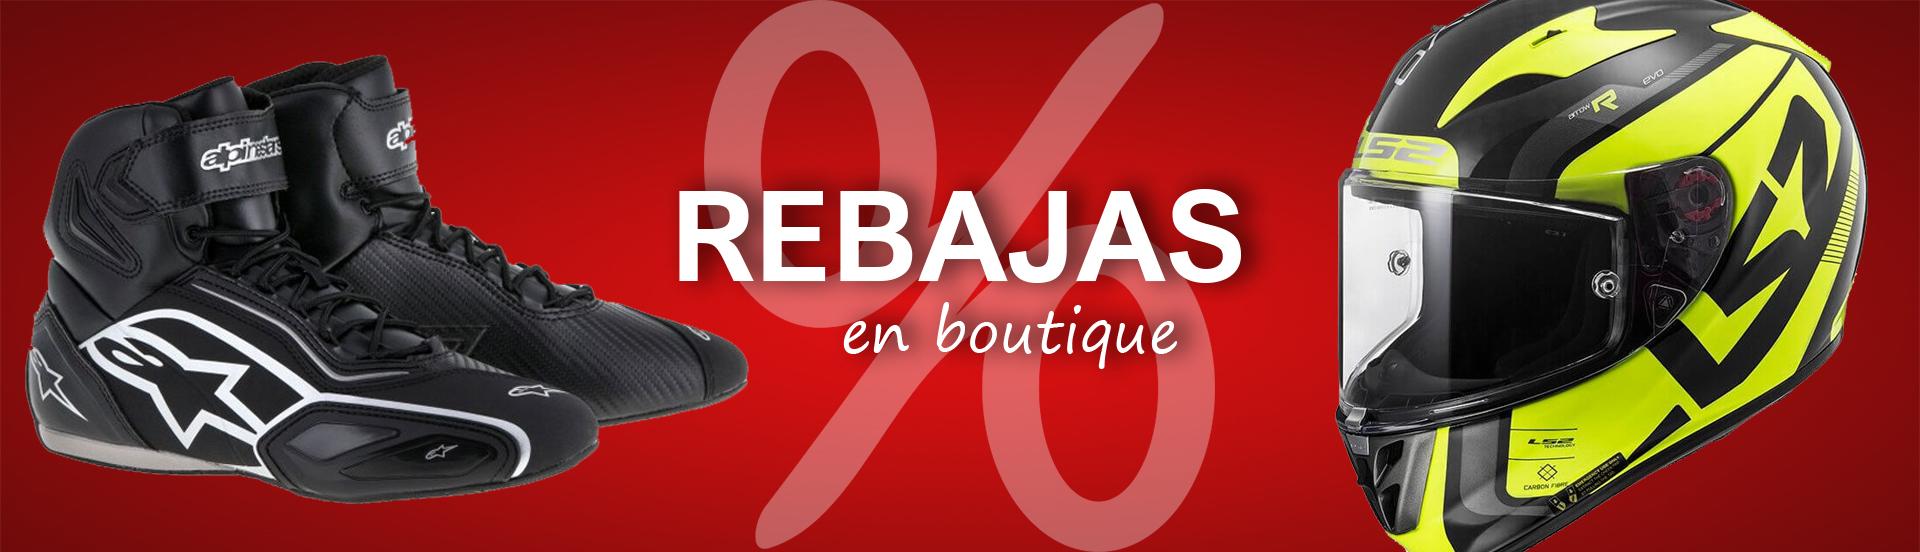 Rebajas Boutique